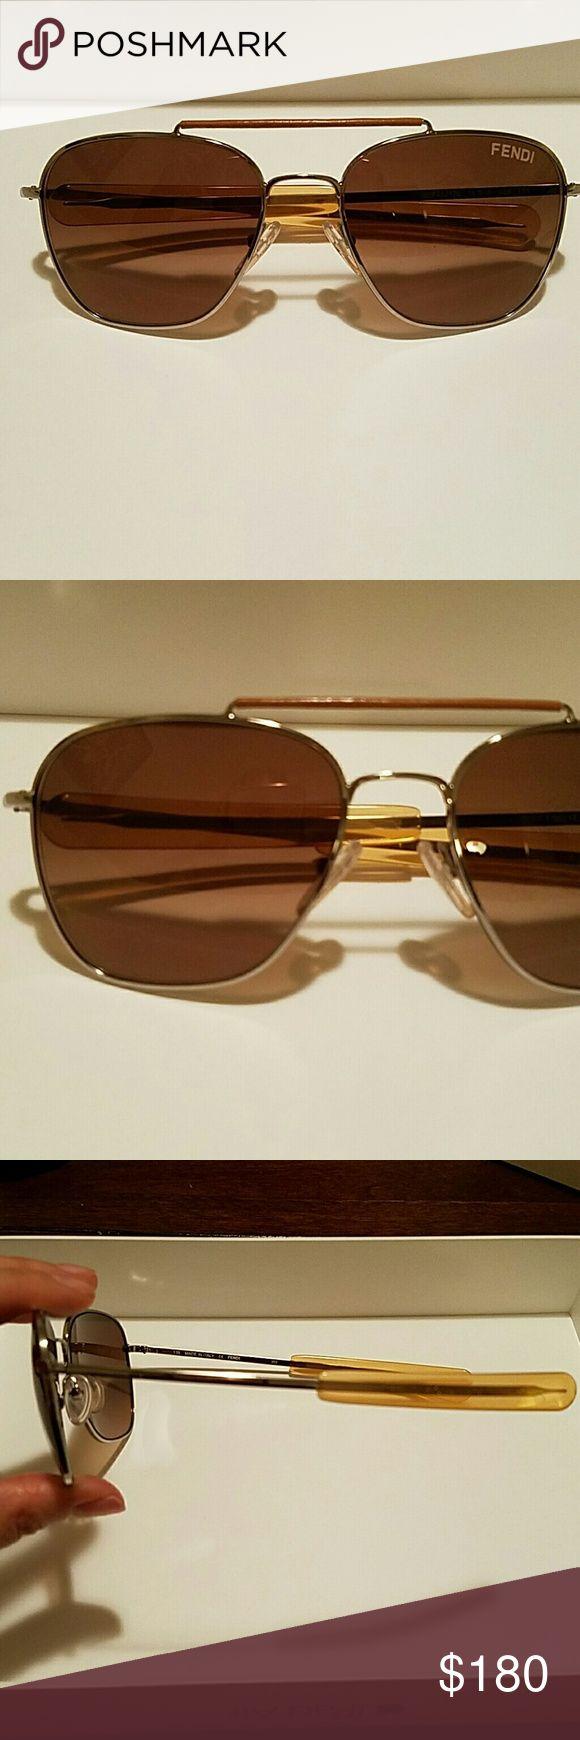 Fendi Aviators Fendi Aviators. Brown lenses. Perfect condition, no scratches. Never used. Fendi Accessories Sunglasses